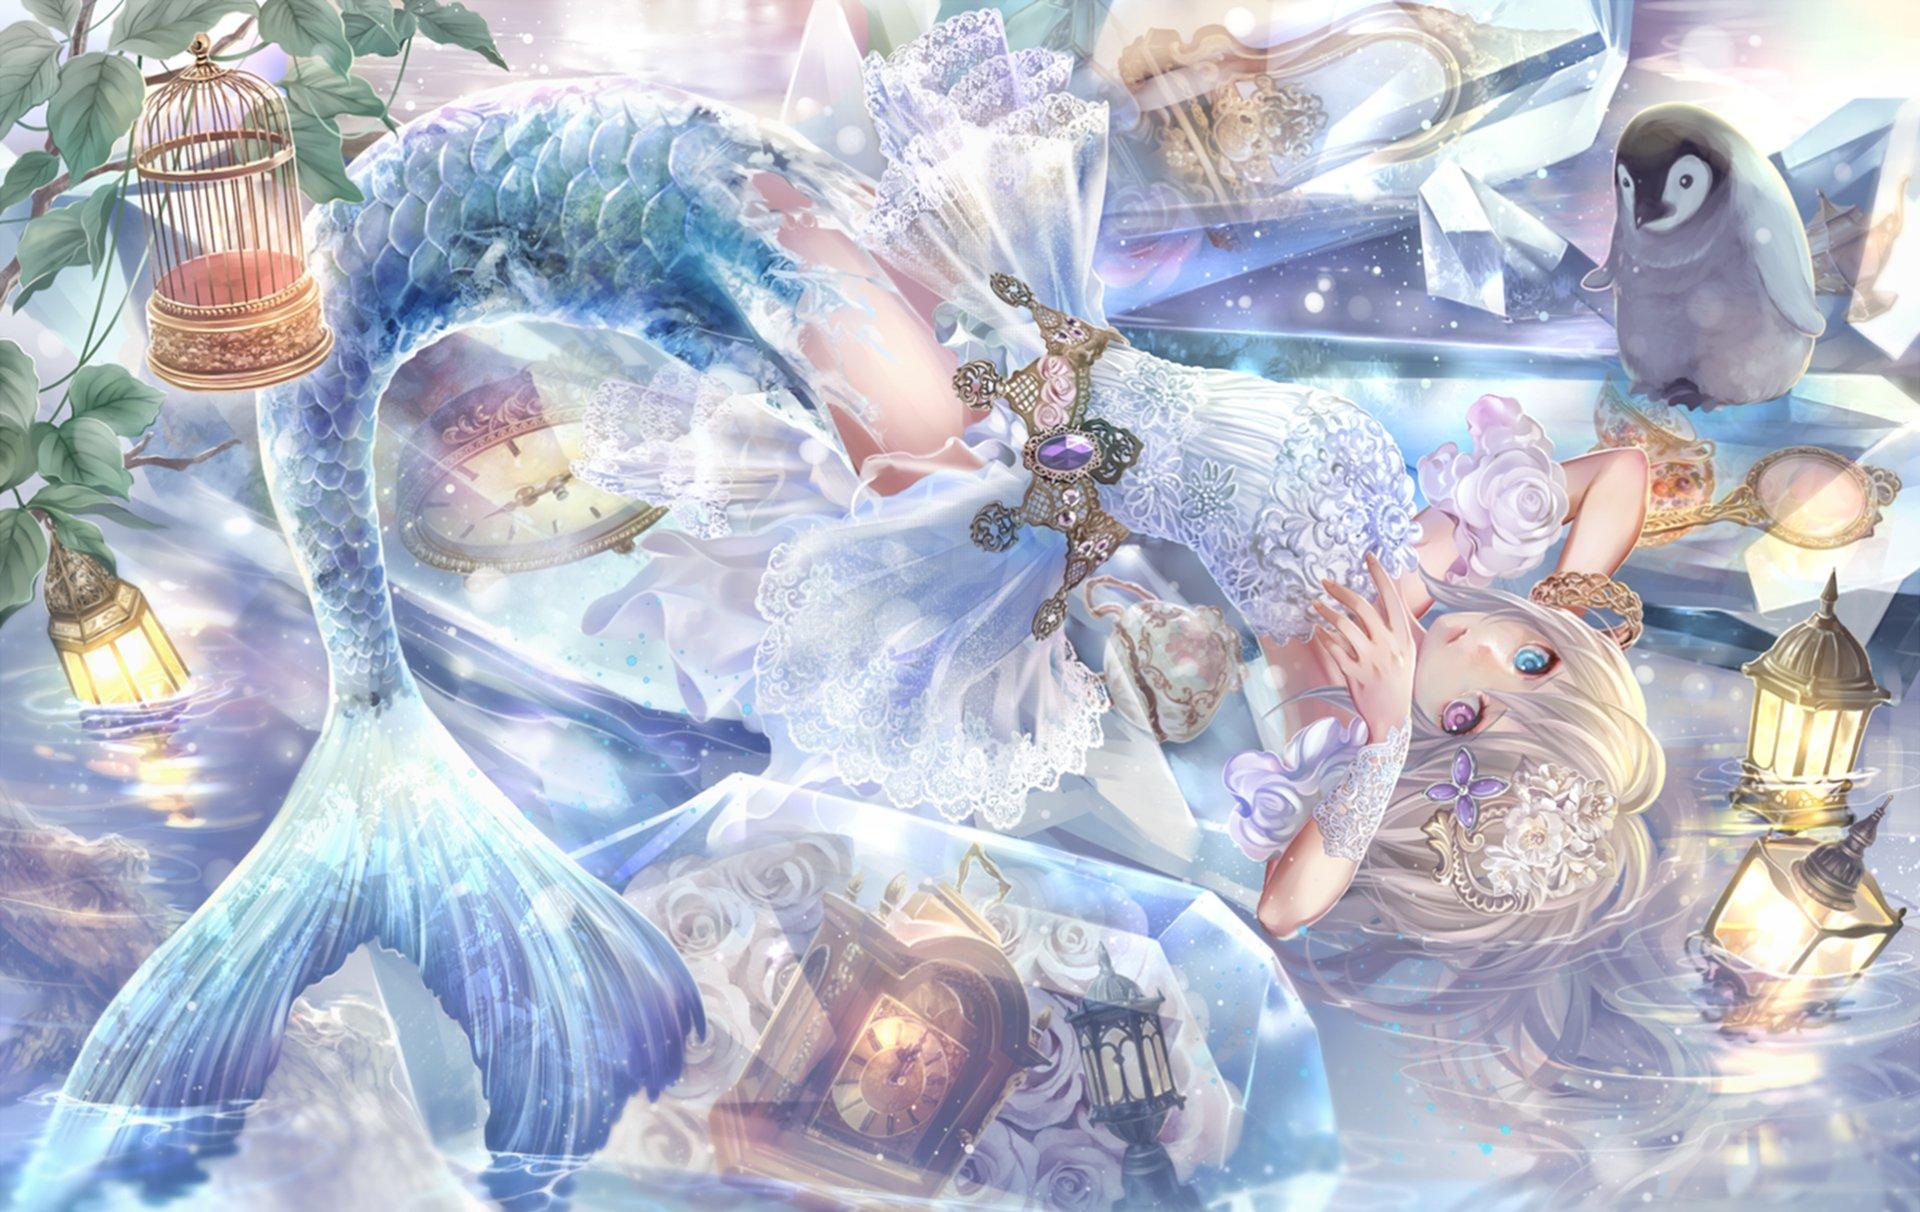 Anime - Original  Clock Water Hetrochromia White Hair Long Hair Mermaid Lamp Animal Penguin Headdress Cage Lips Flower Blue Crystal Wallpaper